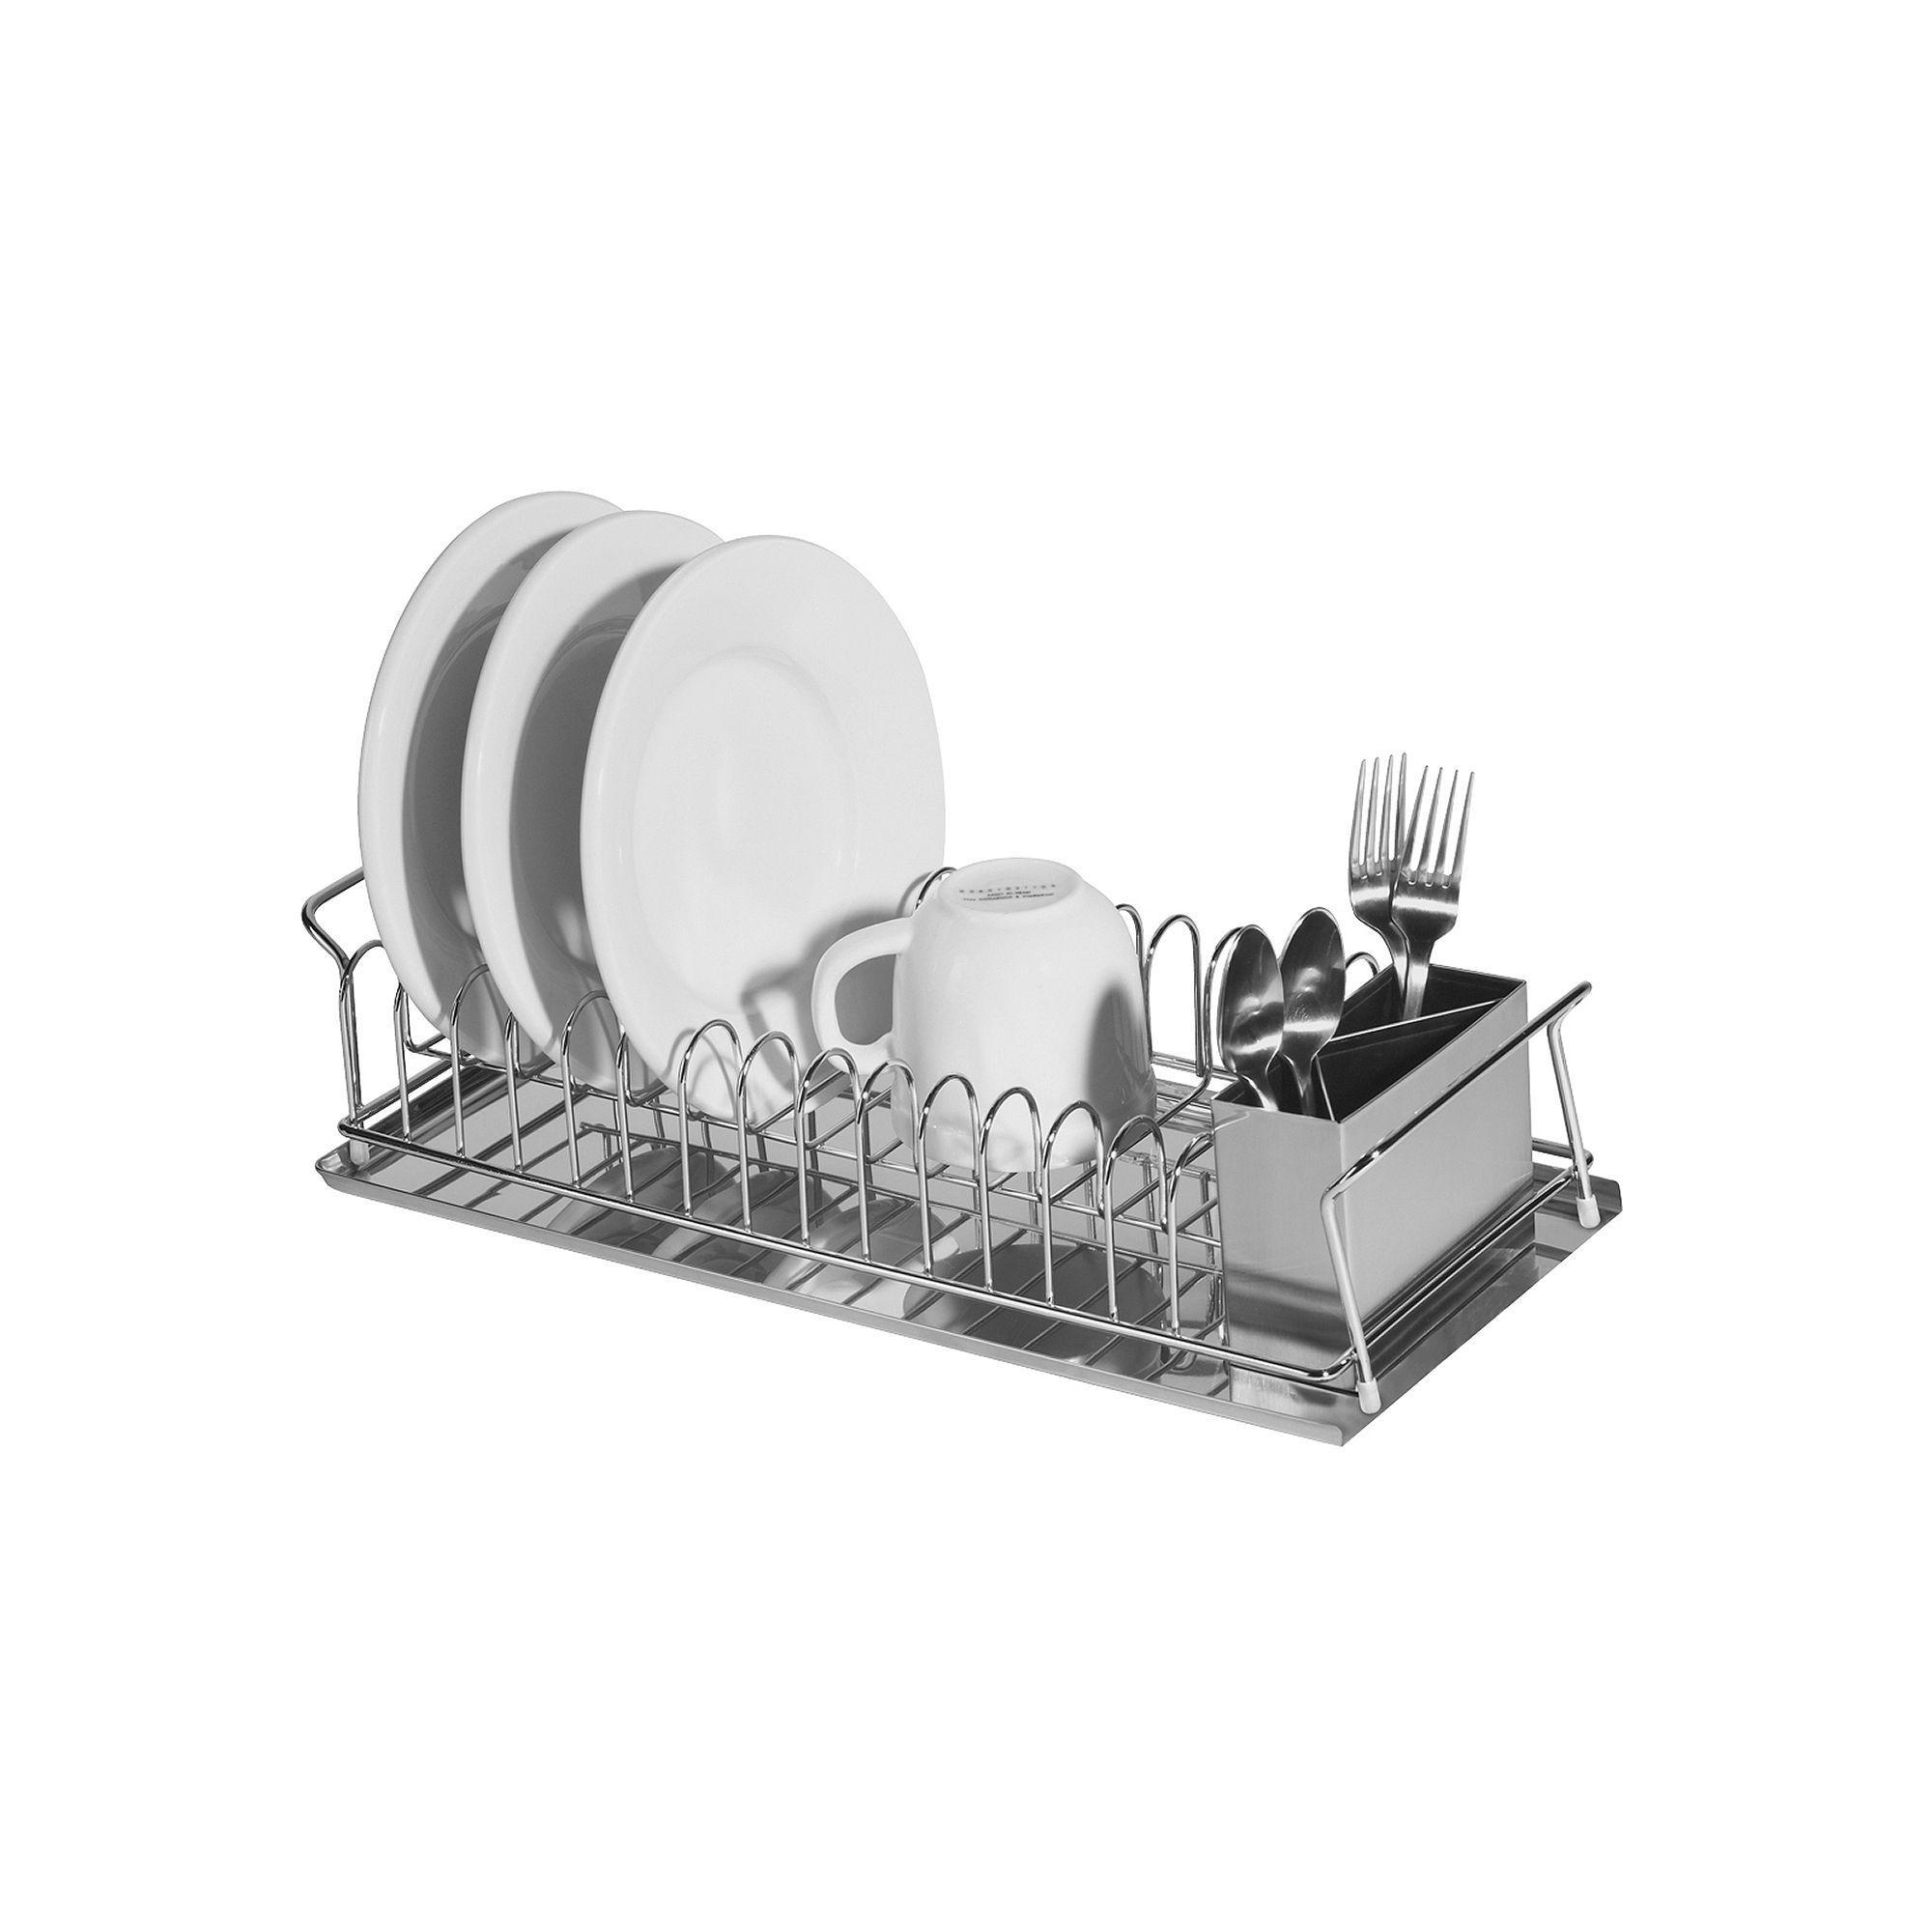 Oggi Stainless Steel Dish Drain Set Stainless Steel Utensils